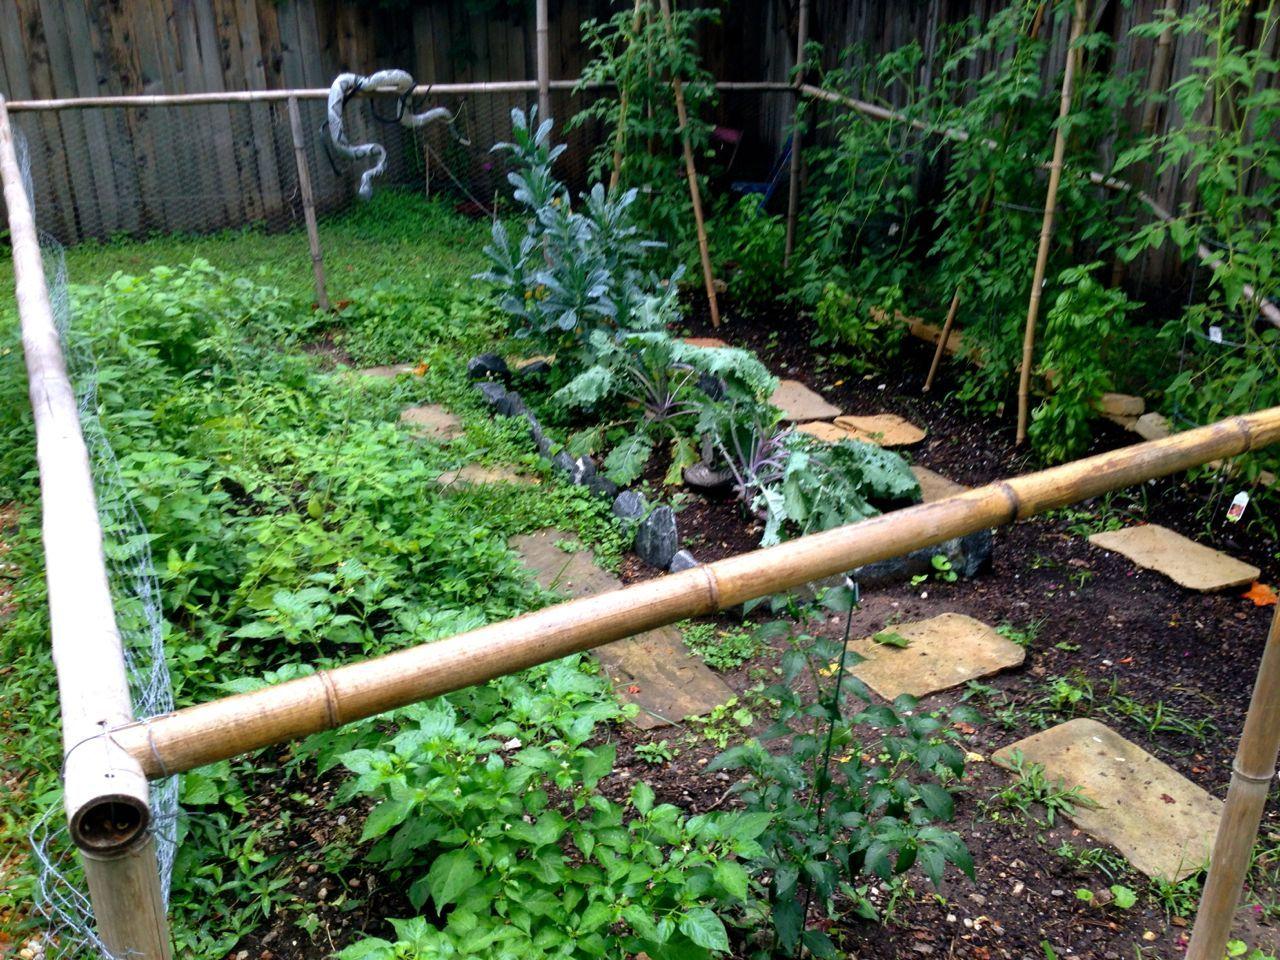 7 6 13 - Garden overrun detail